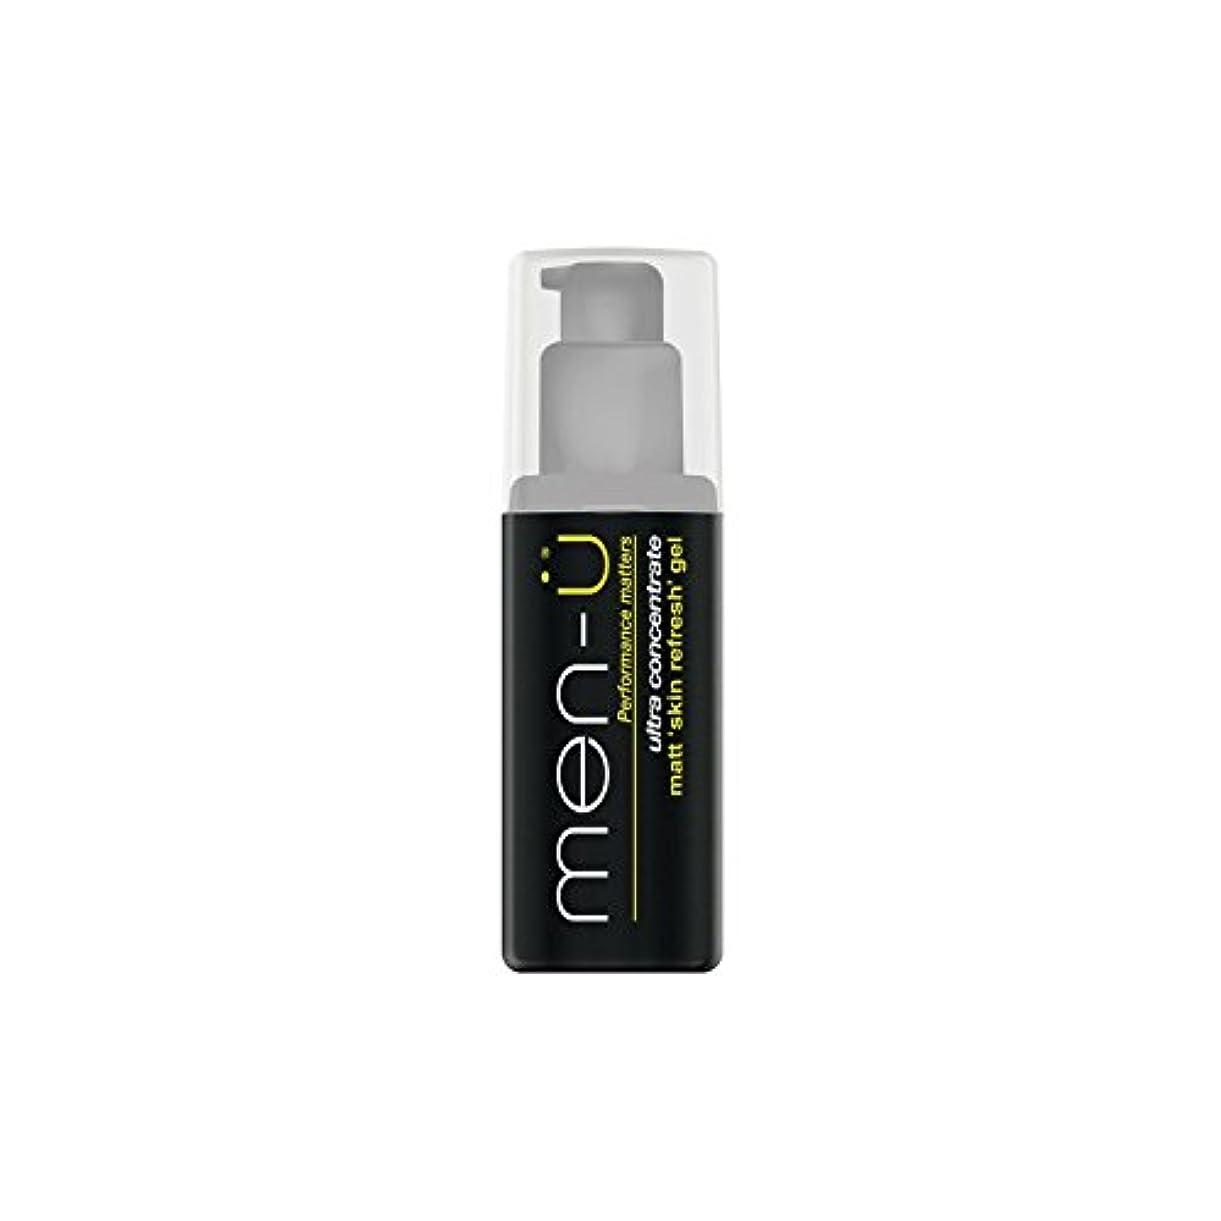 作者オーバーコート冗長Men-? Matt Skin Refresh Gel (100ml) (Pack of 6) - 男性-?マット肌のリフレッシュジェル(100)に x6 [並行輸入品]